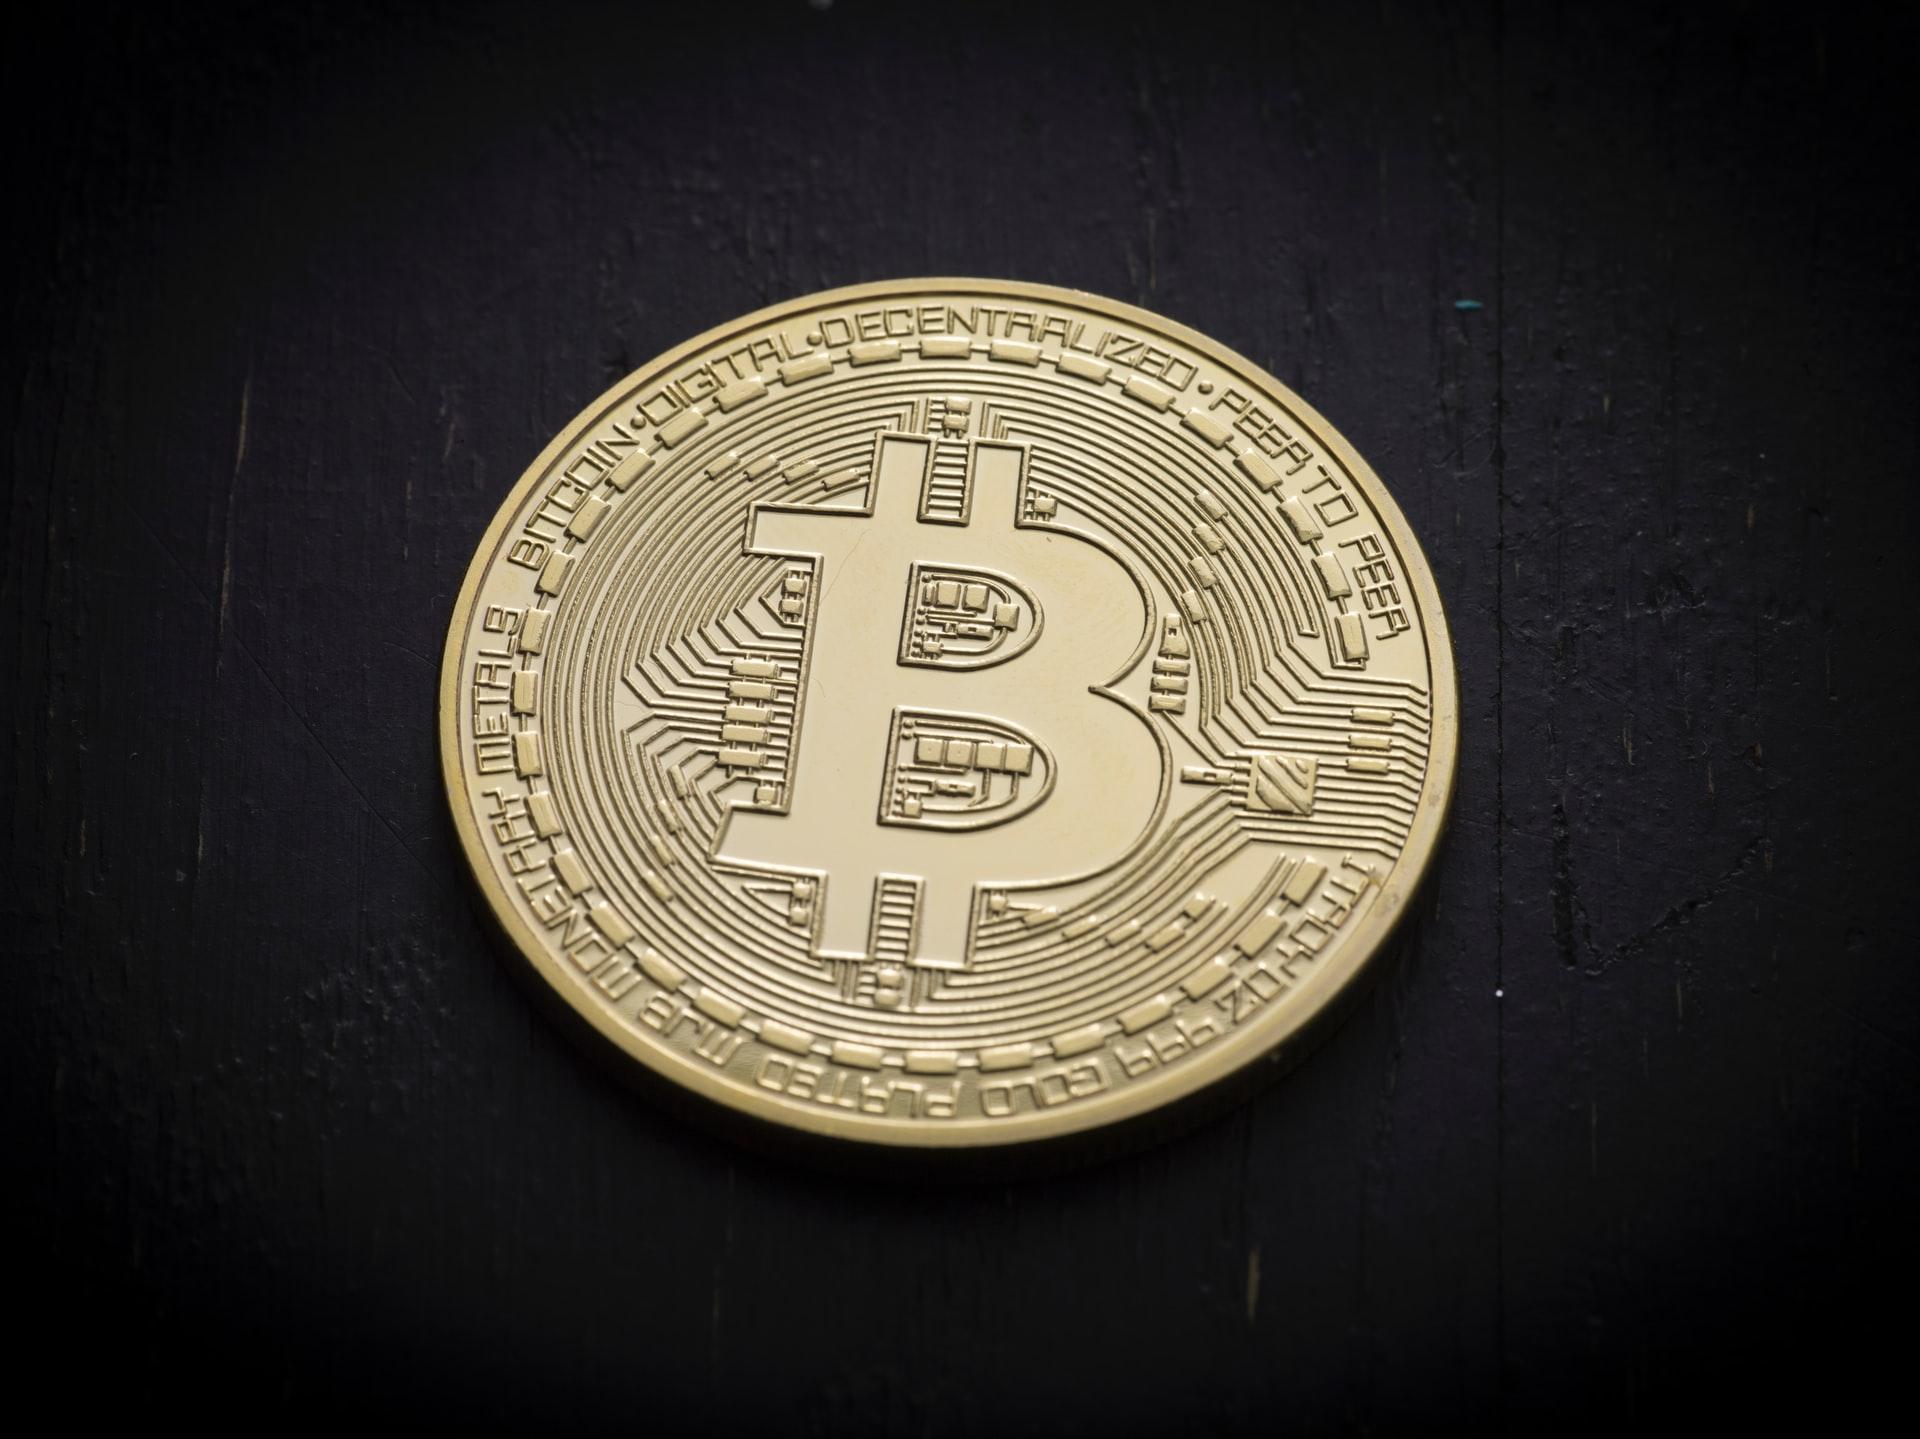 Welche Kryptowährungen kann Bitcoin in Zukunft ablösen?